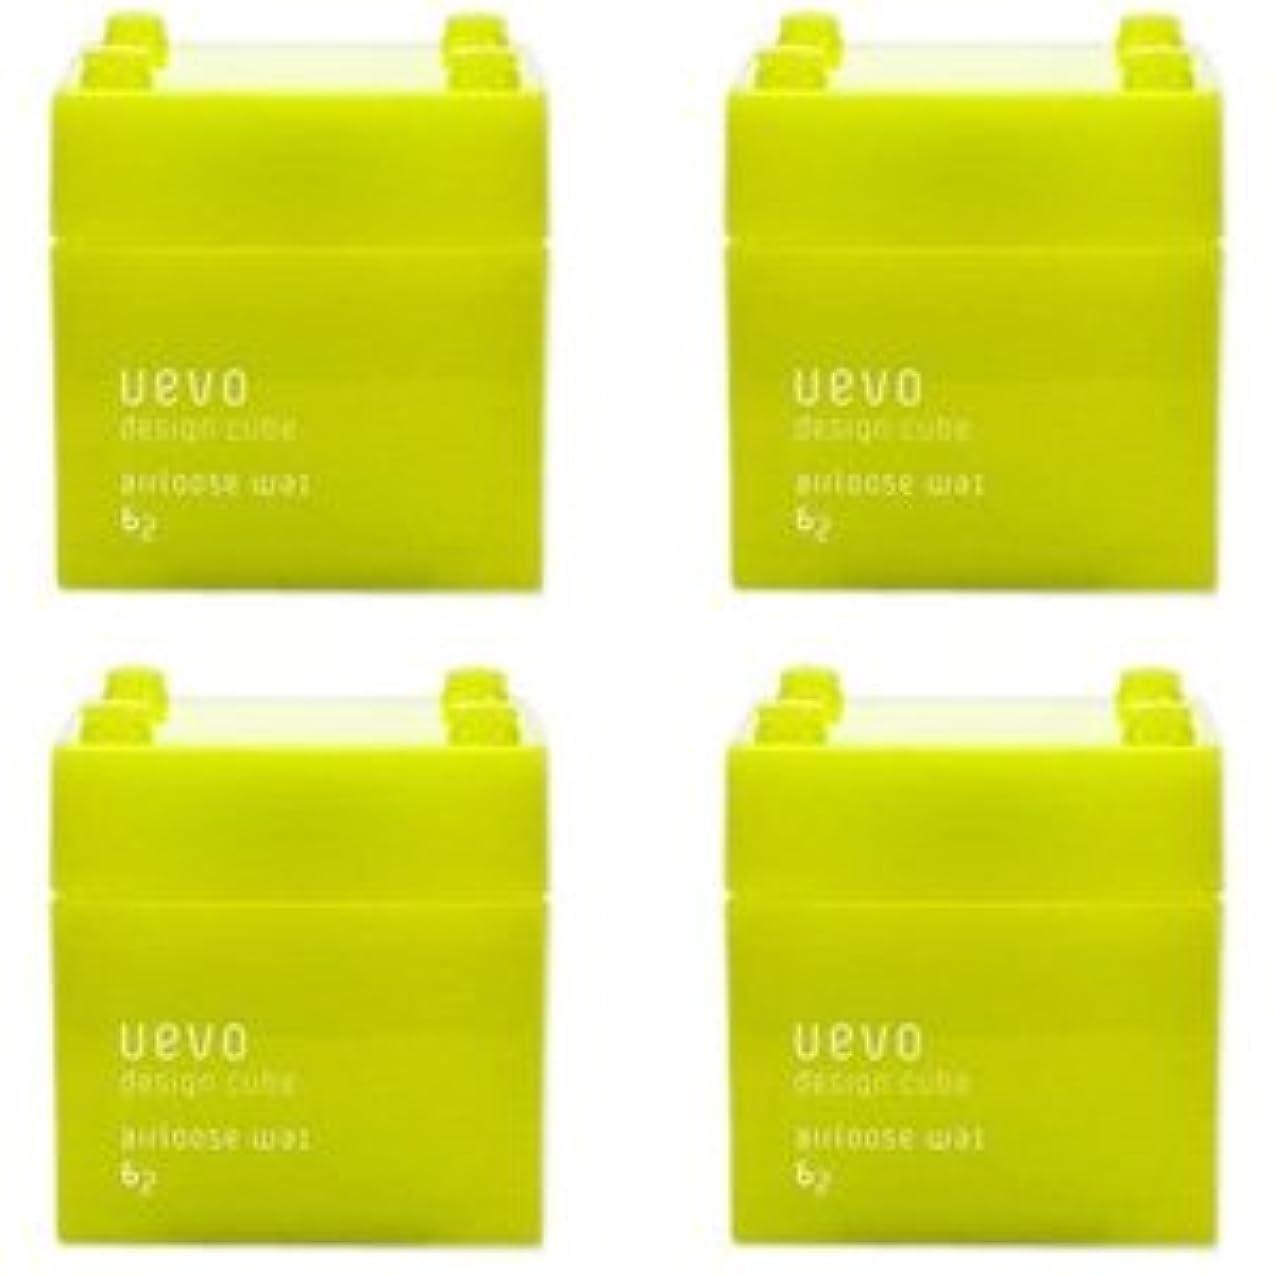 【X4個セット】 デミ ウェーボ デザインキューブ エアルーズワックス 80g airloose wax DEMI uevo design cube